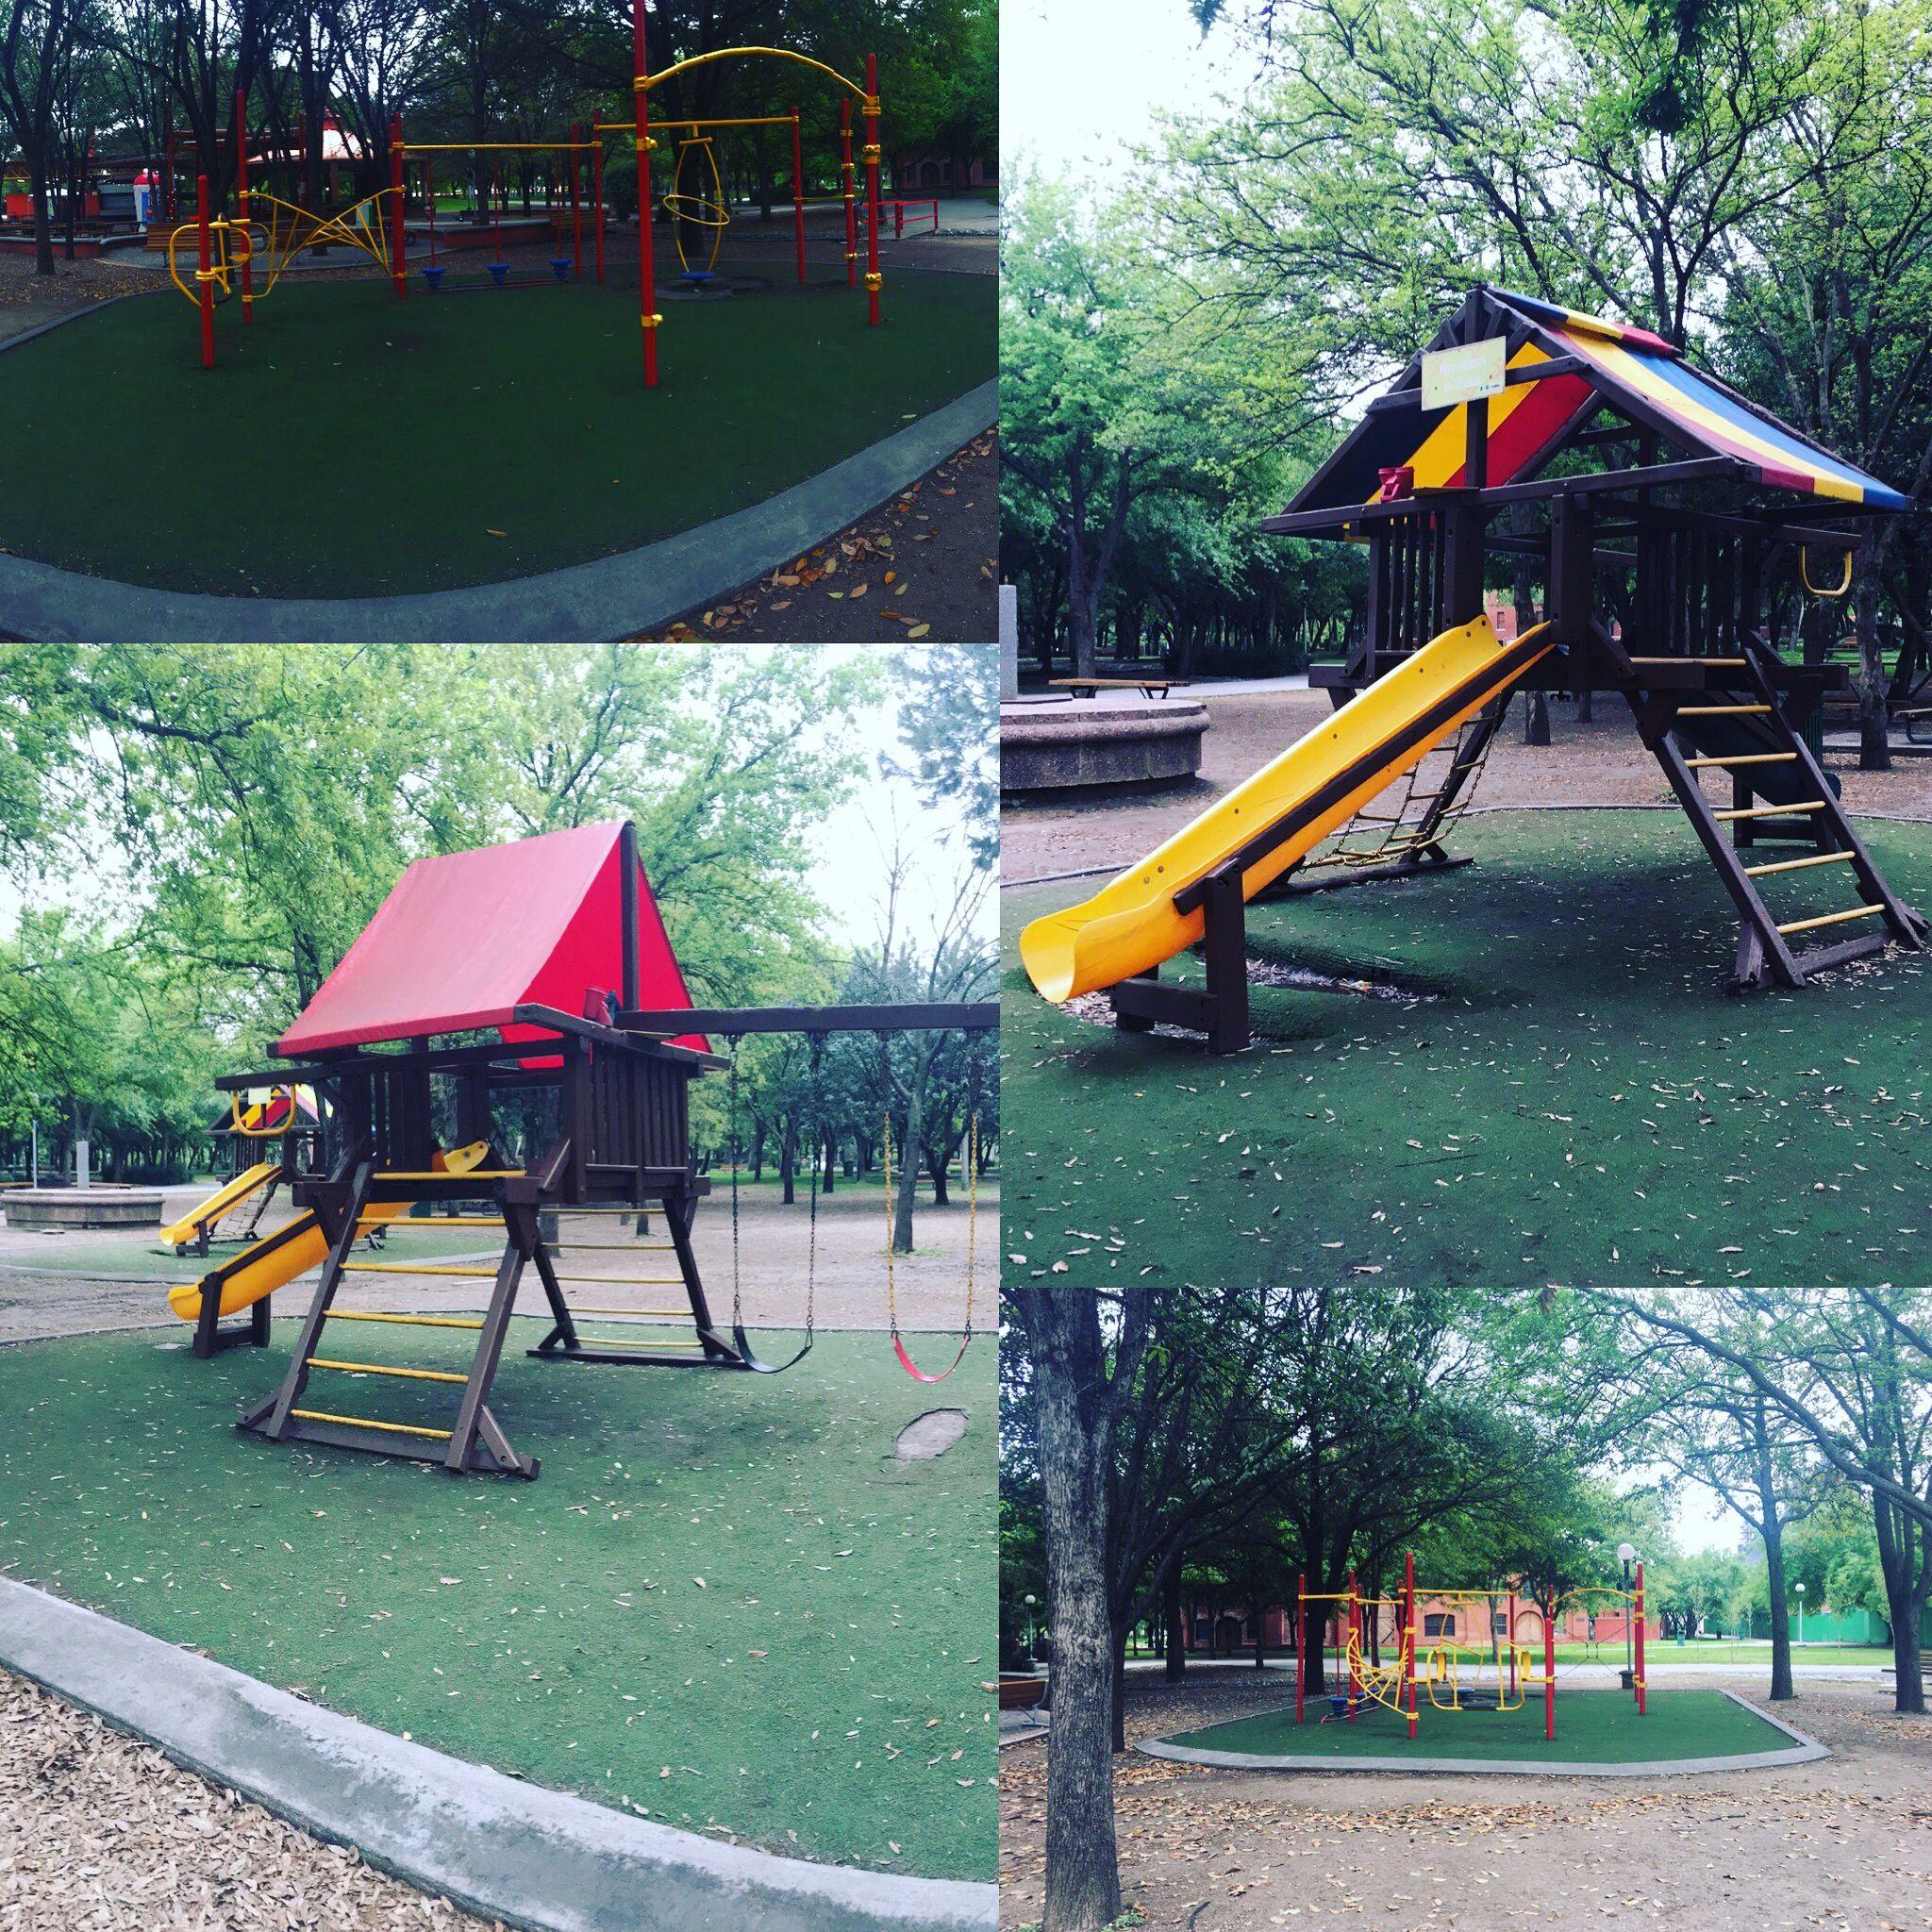 Los Mejores Parques Infantiles Ciudad De Mexico Children S Spaces Parques Infantiles Parques Parque Para Niños